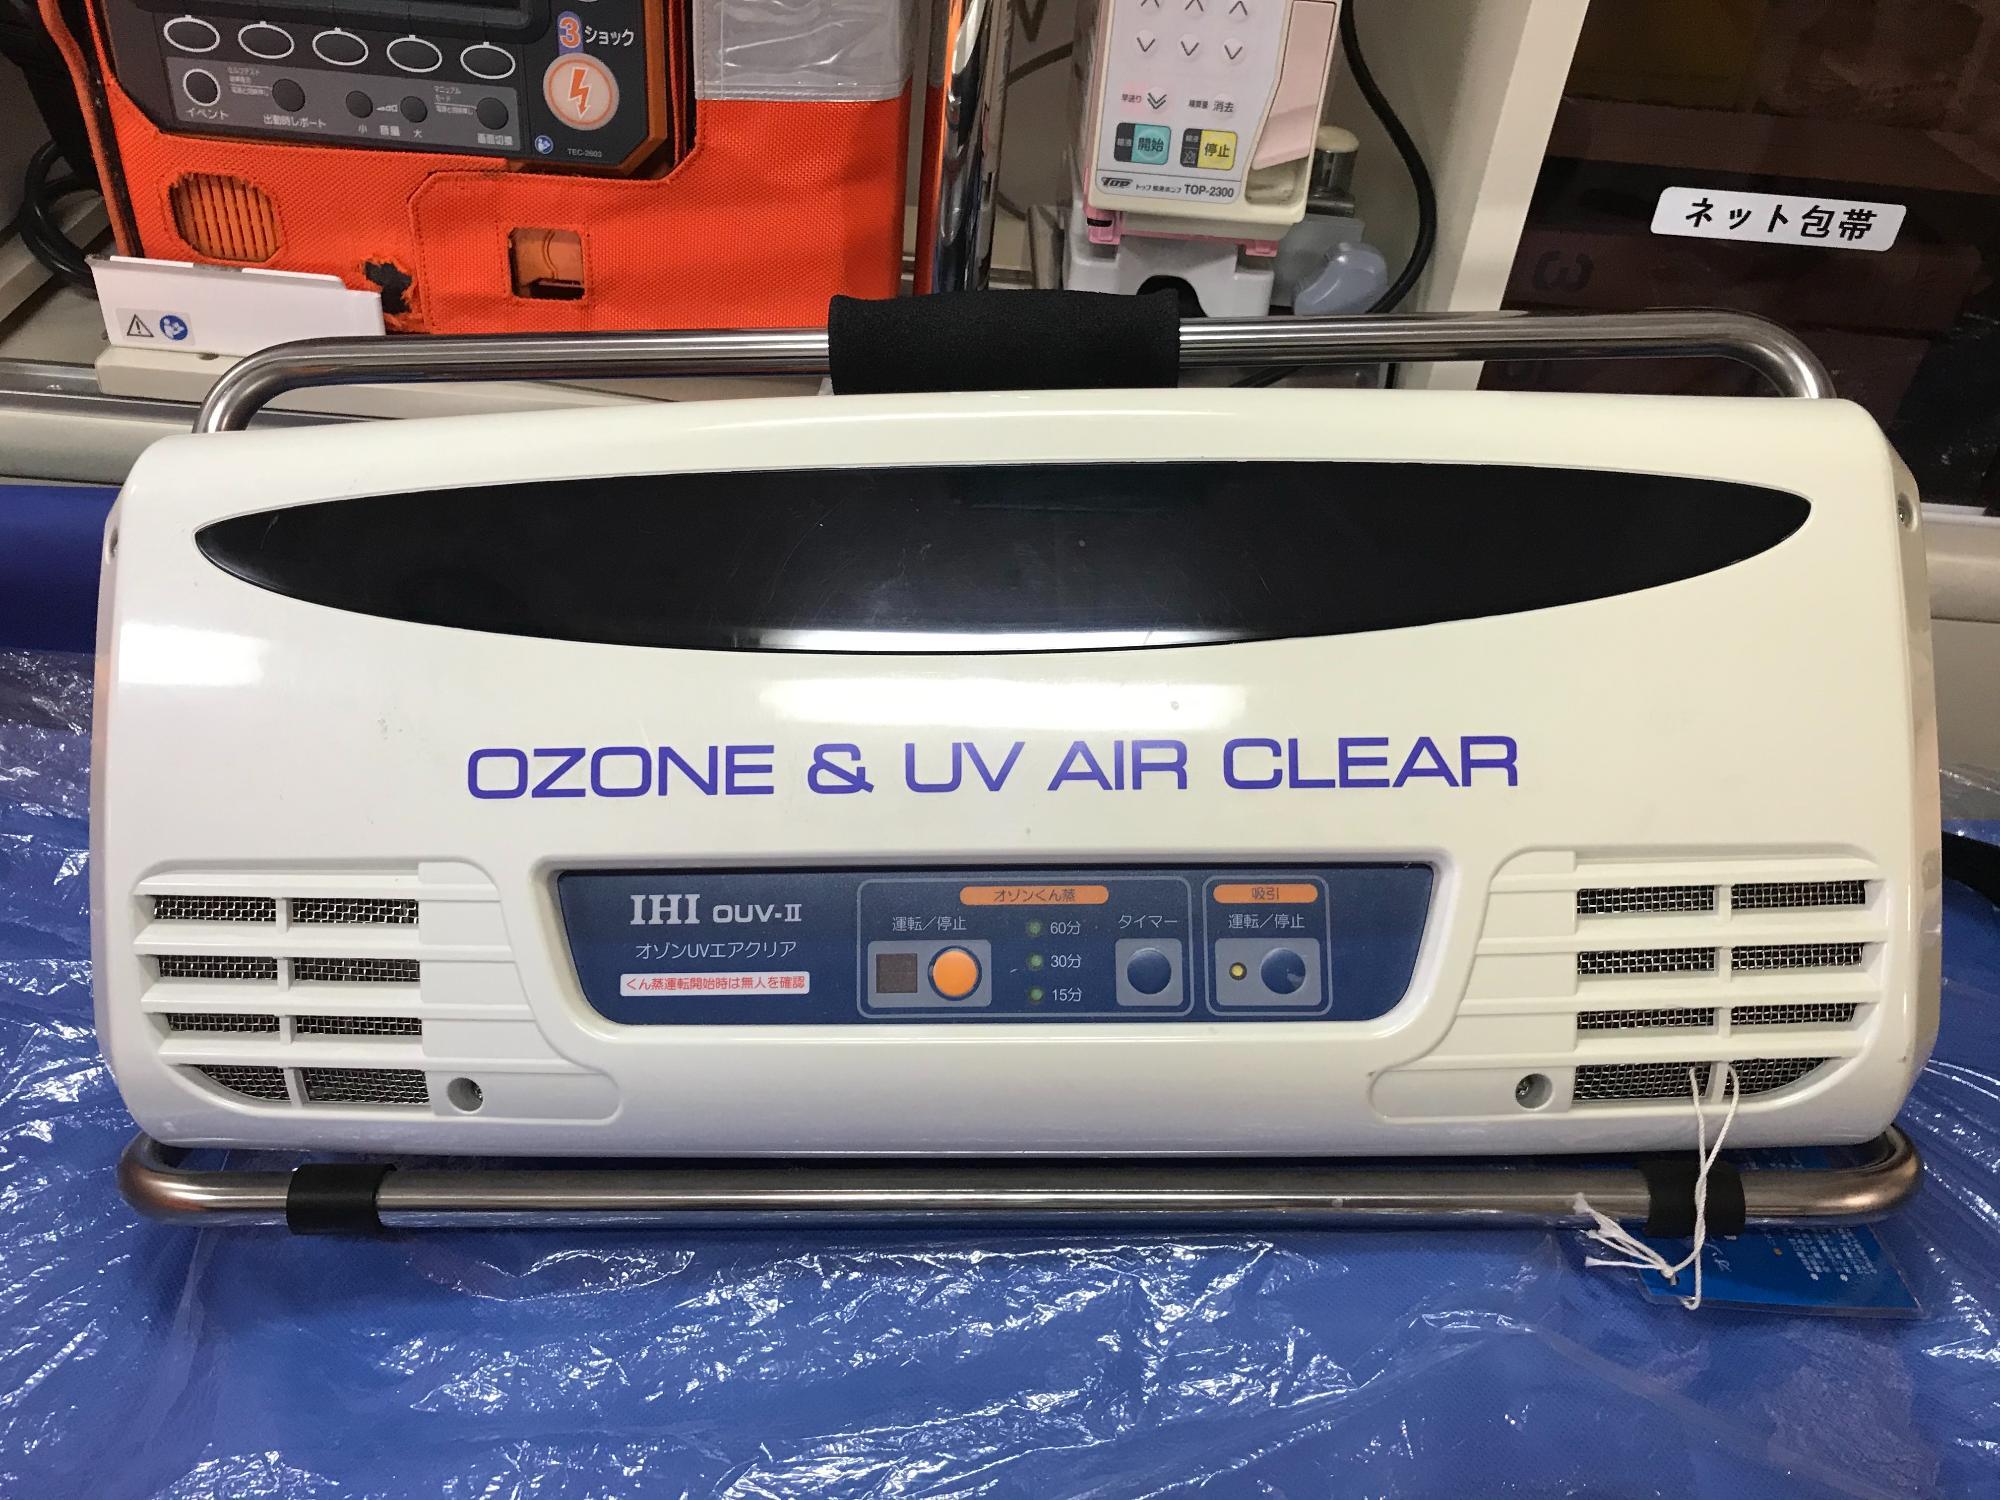 オゾン 発生 器 コロナ ウイルス